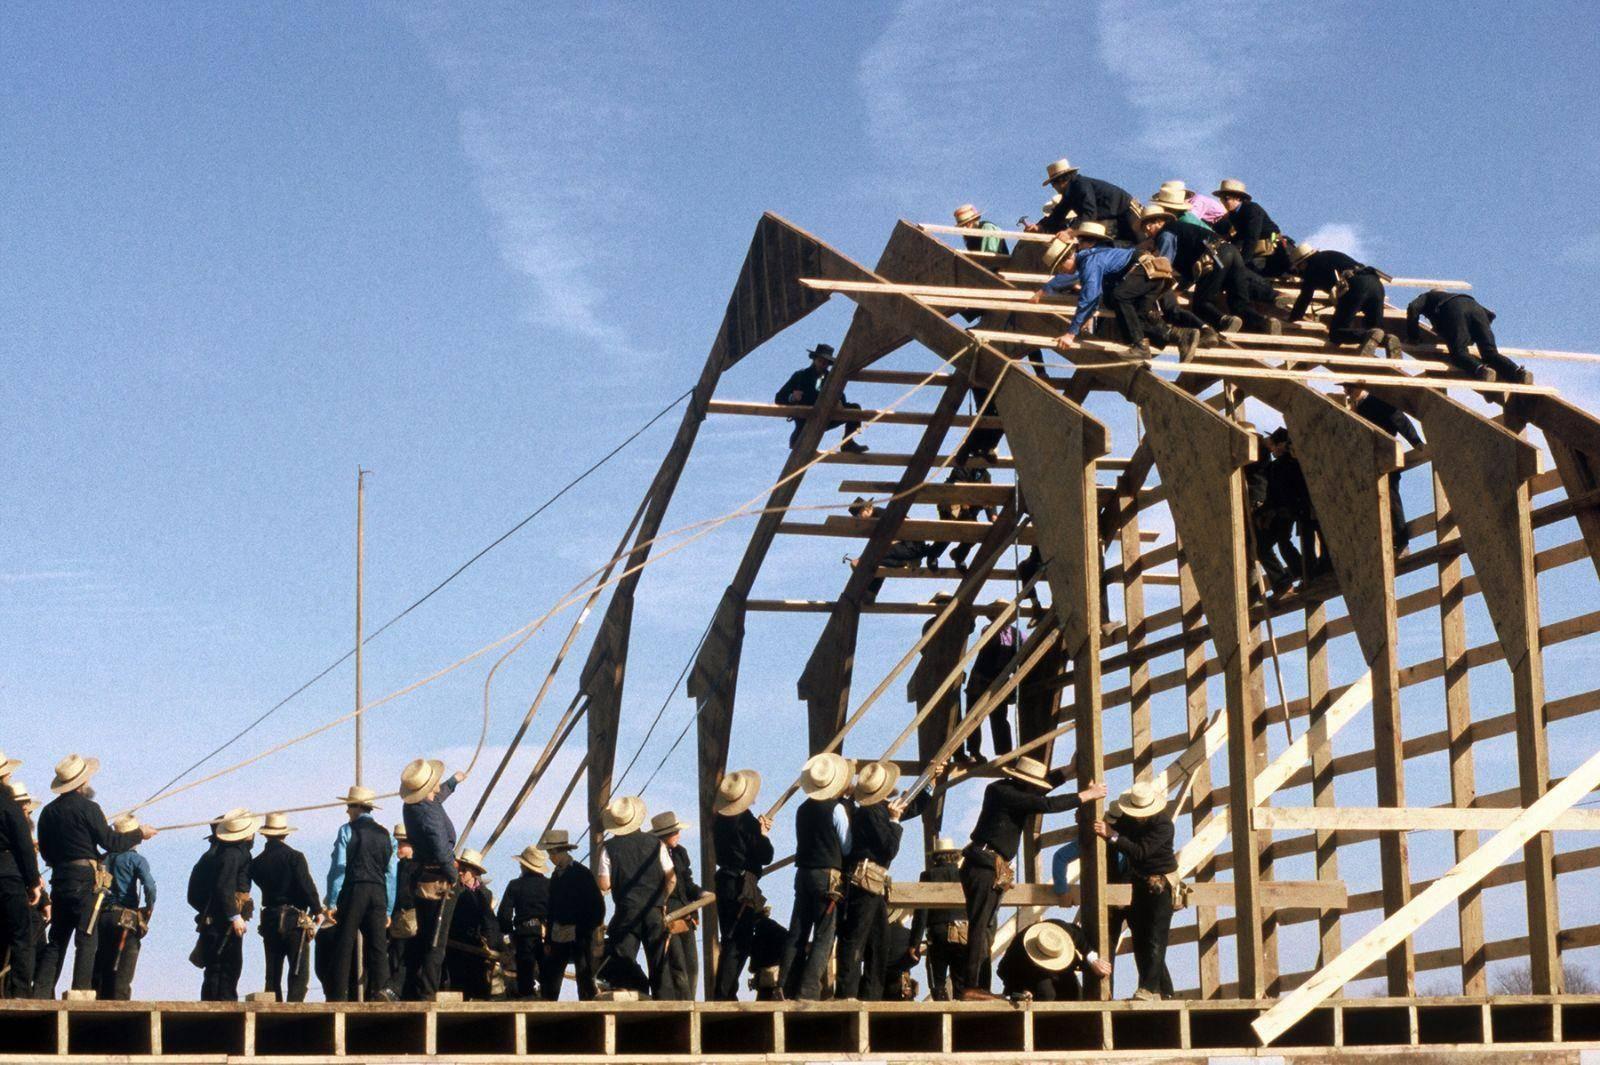 Construcción de una granja por una comunidad Amish en EE.UU. (DiscoverLancaster.com / Terry Ross)